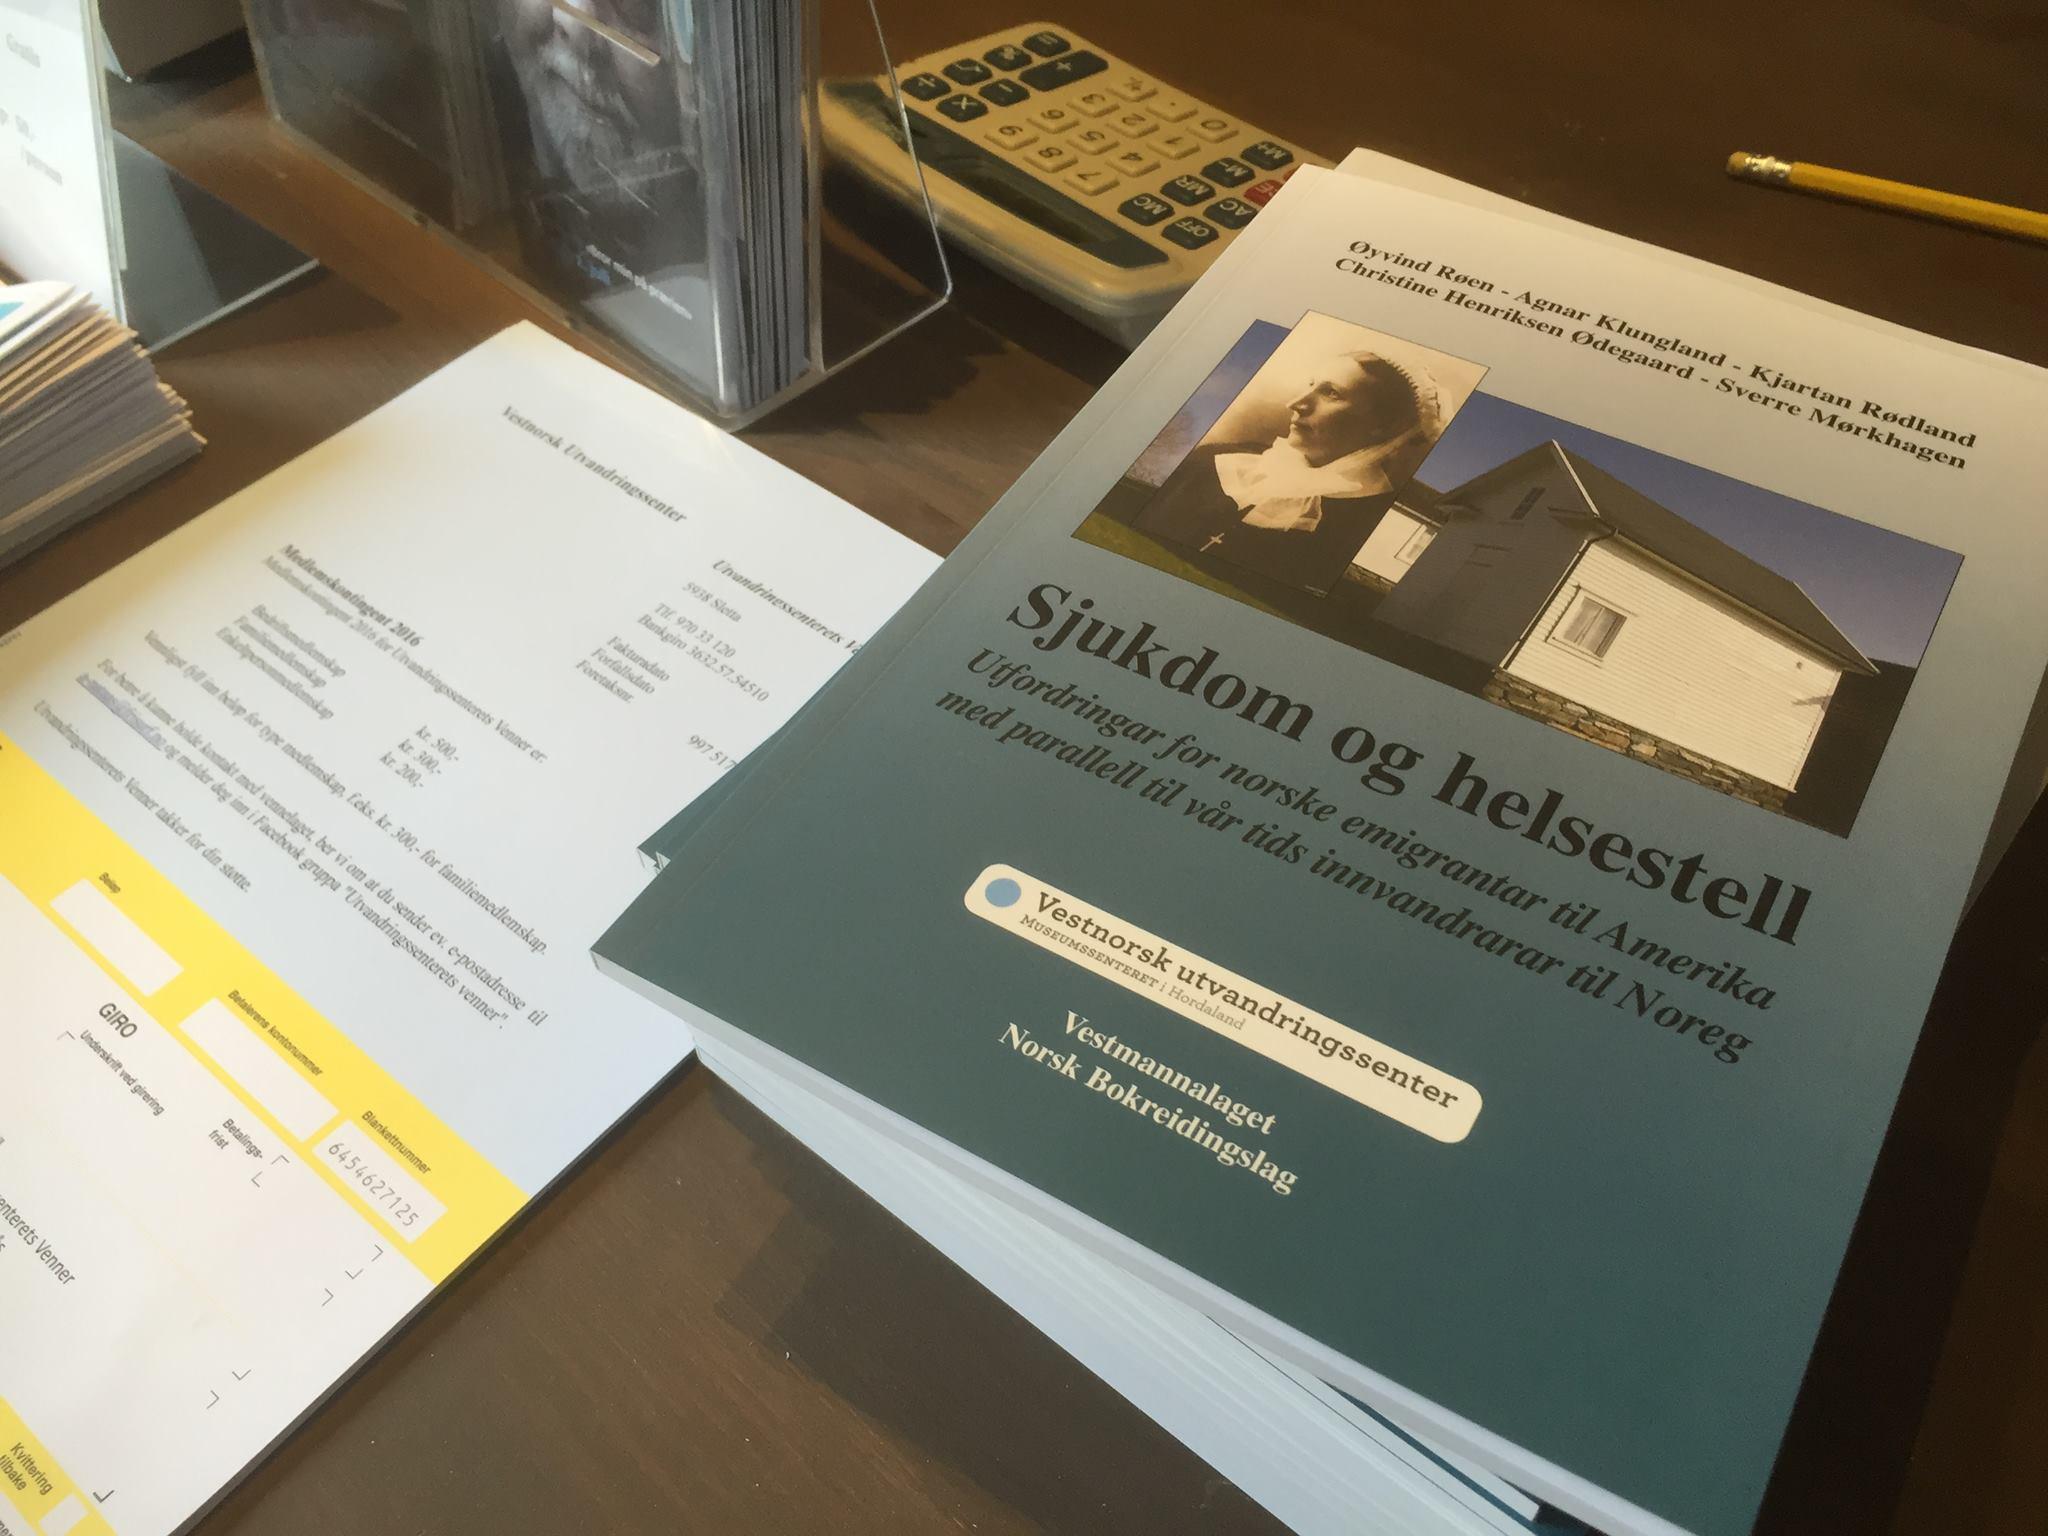 Boki um sjukdom og helsestell, med fyreord på bokmål, er den siste boki i ein lang serie frå utvandringssenteret - som vert finansiert av det tradisjonsrike høgnorsk-mållaget Vestmannalaget.